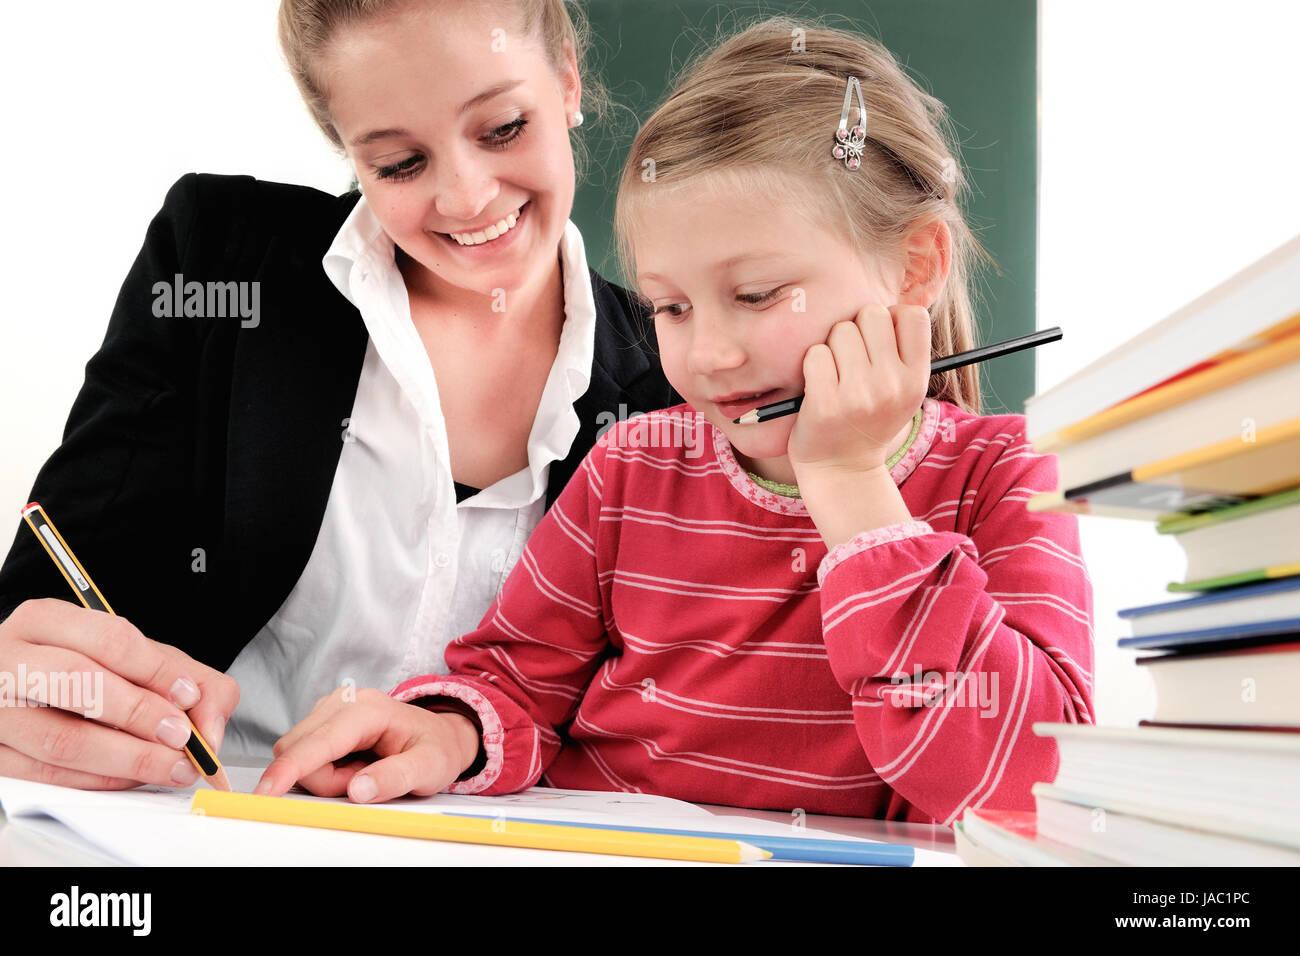 Mein Lehrer Ist Mein Mentor